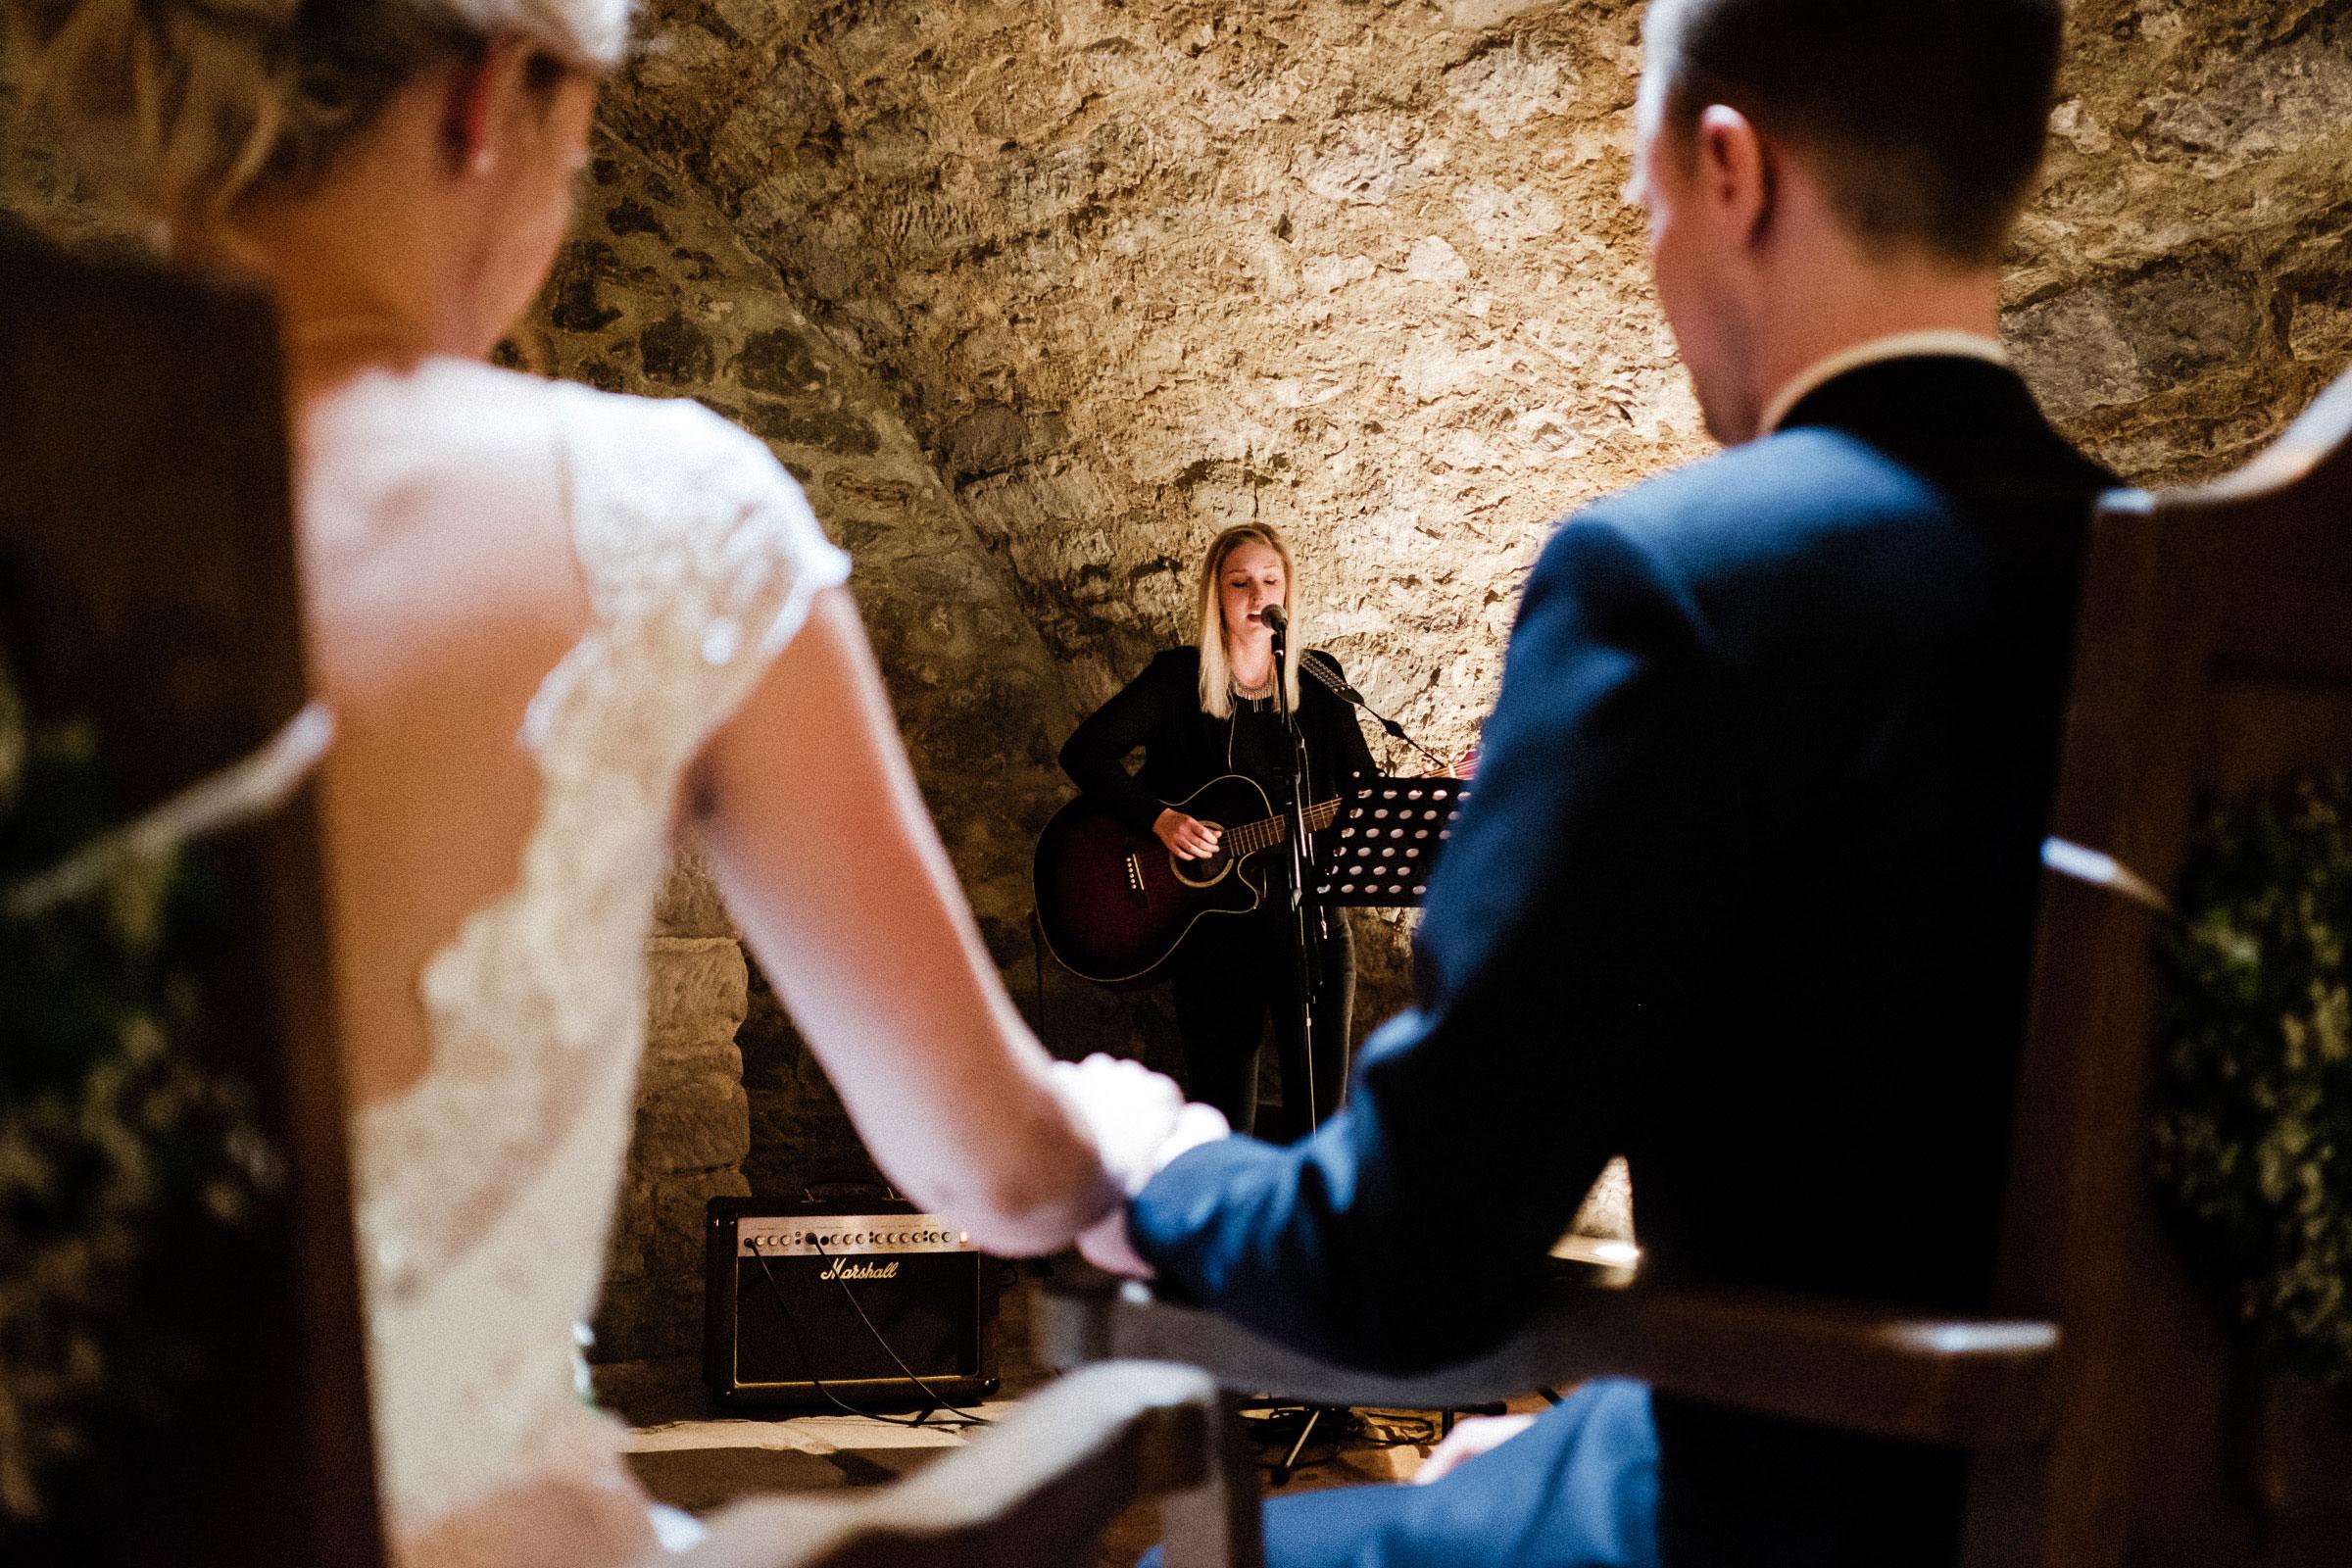 Sängerin Svenja Leopold auf der Hochzeit